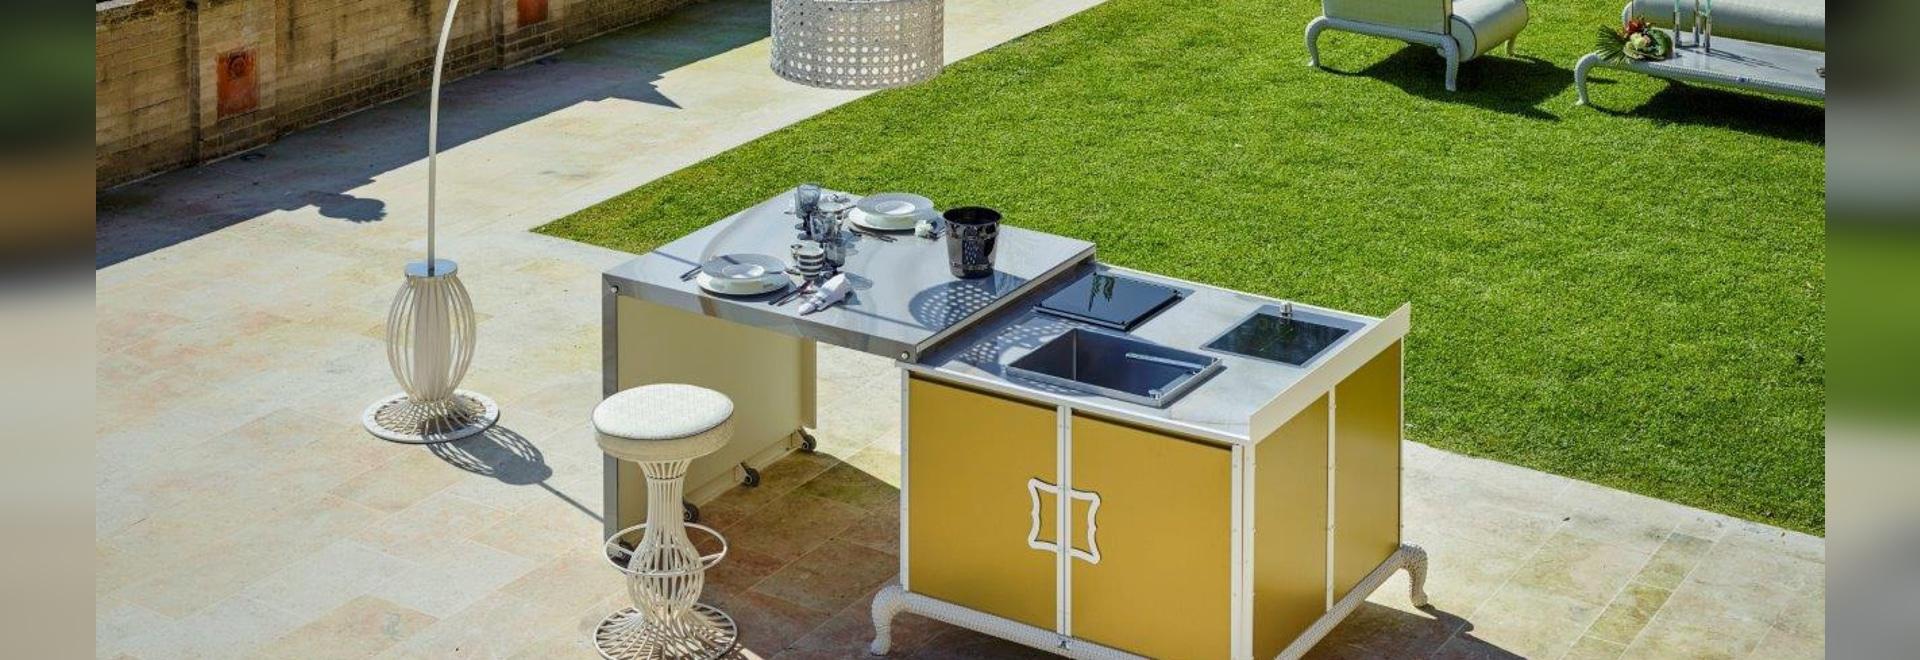 Cocina al aire libre de lujo de Samuele Mazza - Via D. Albertario ...